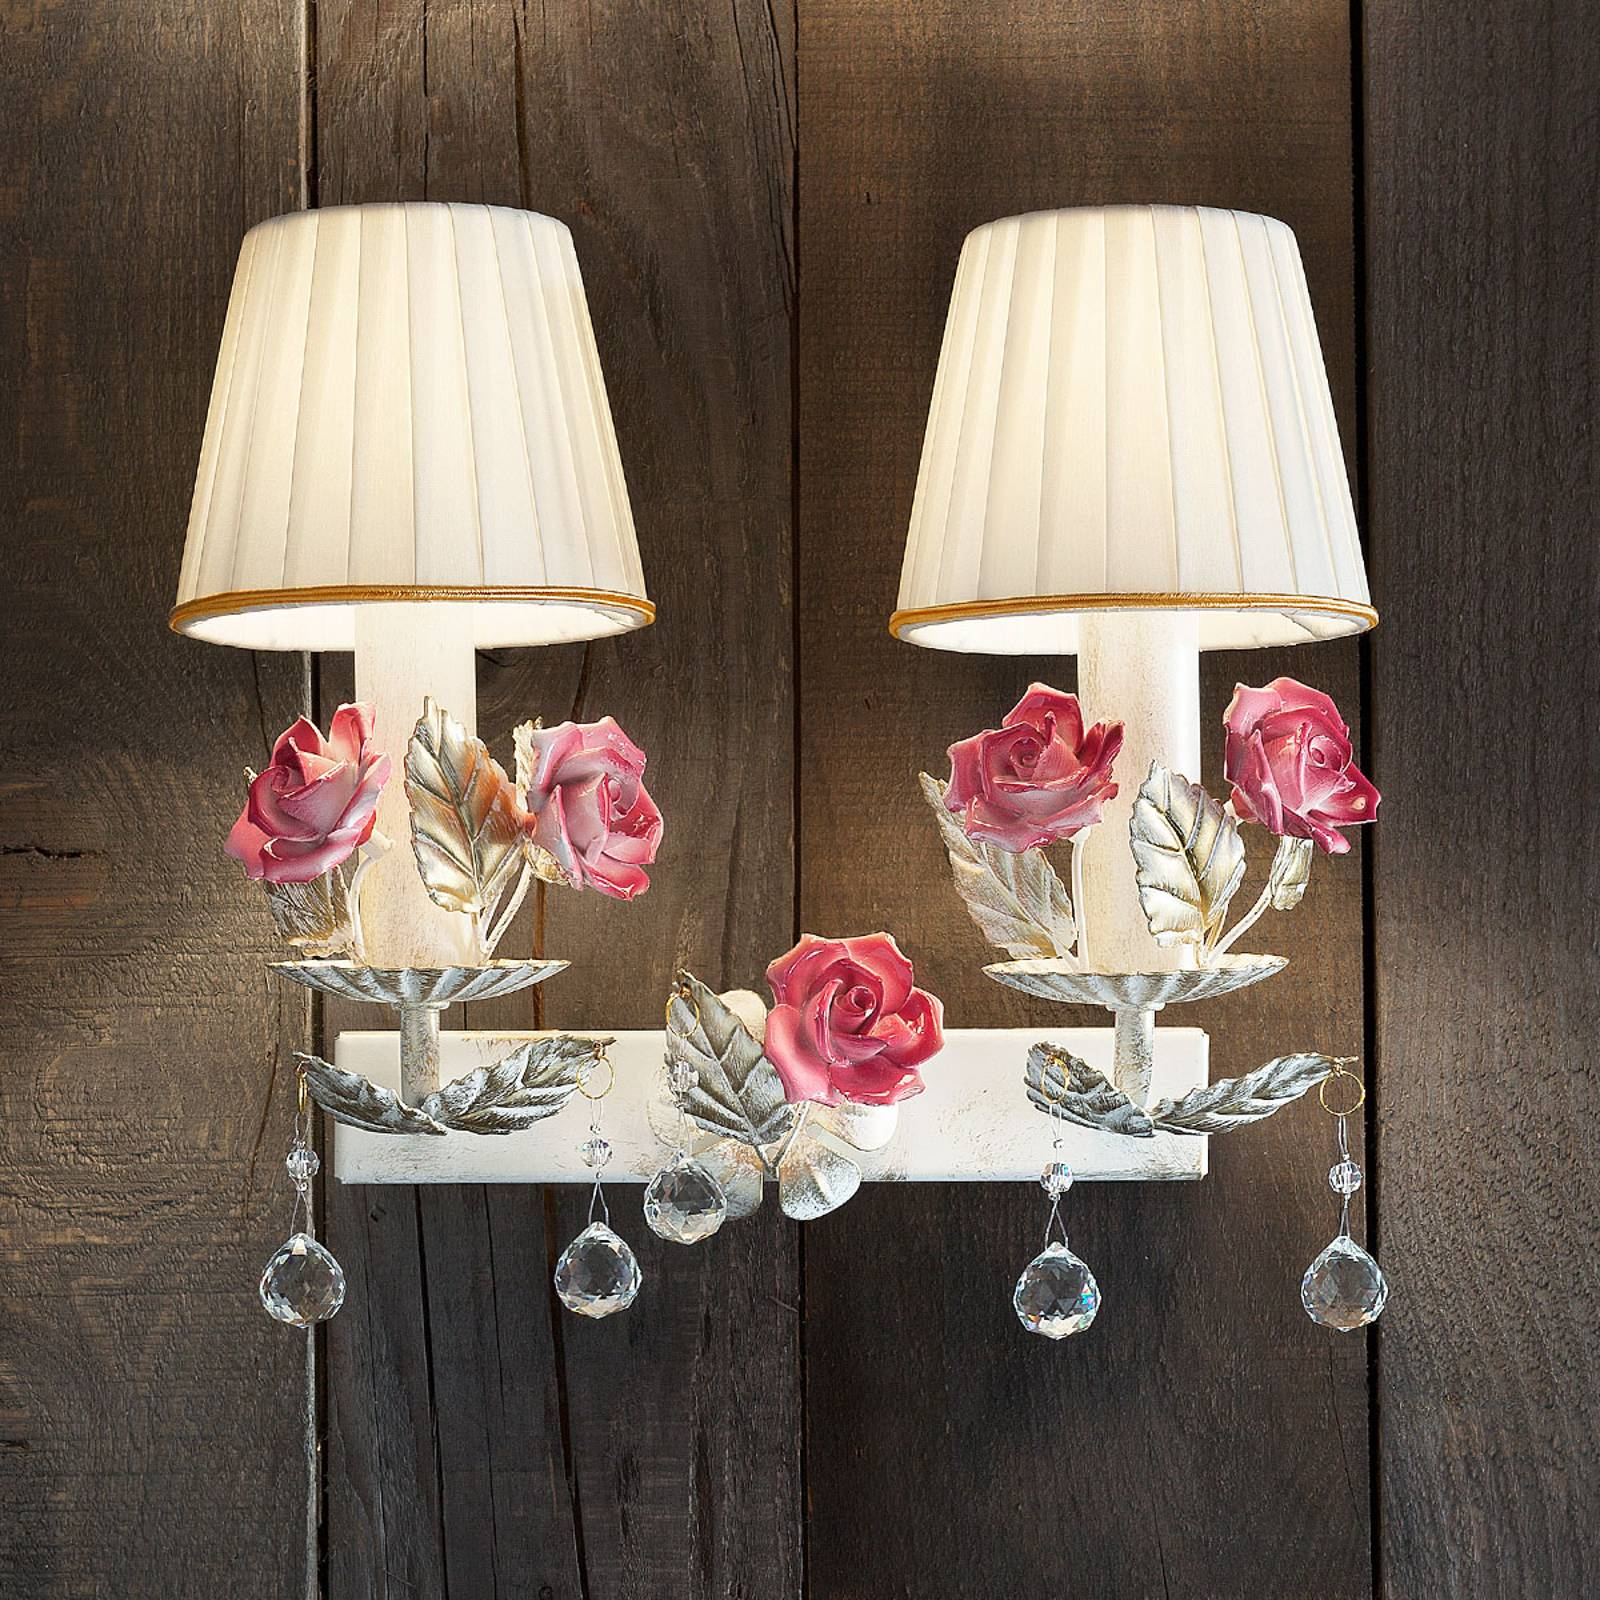 Wandleuchte Fiore mit Rosenblüten 2flammig